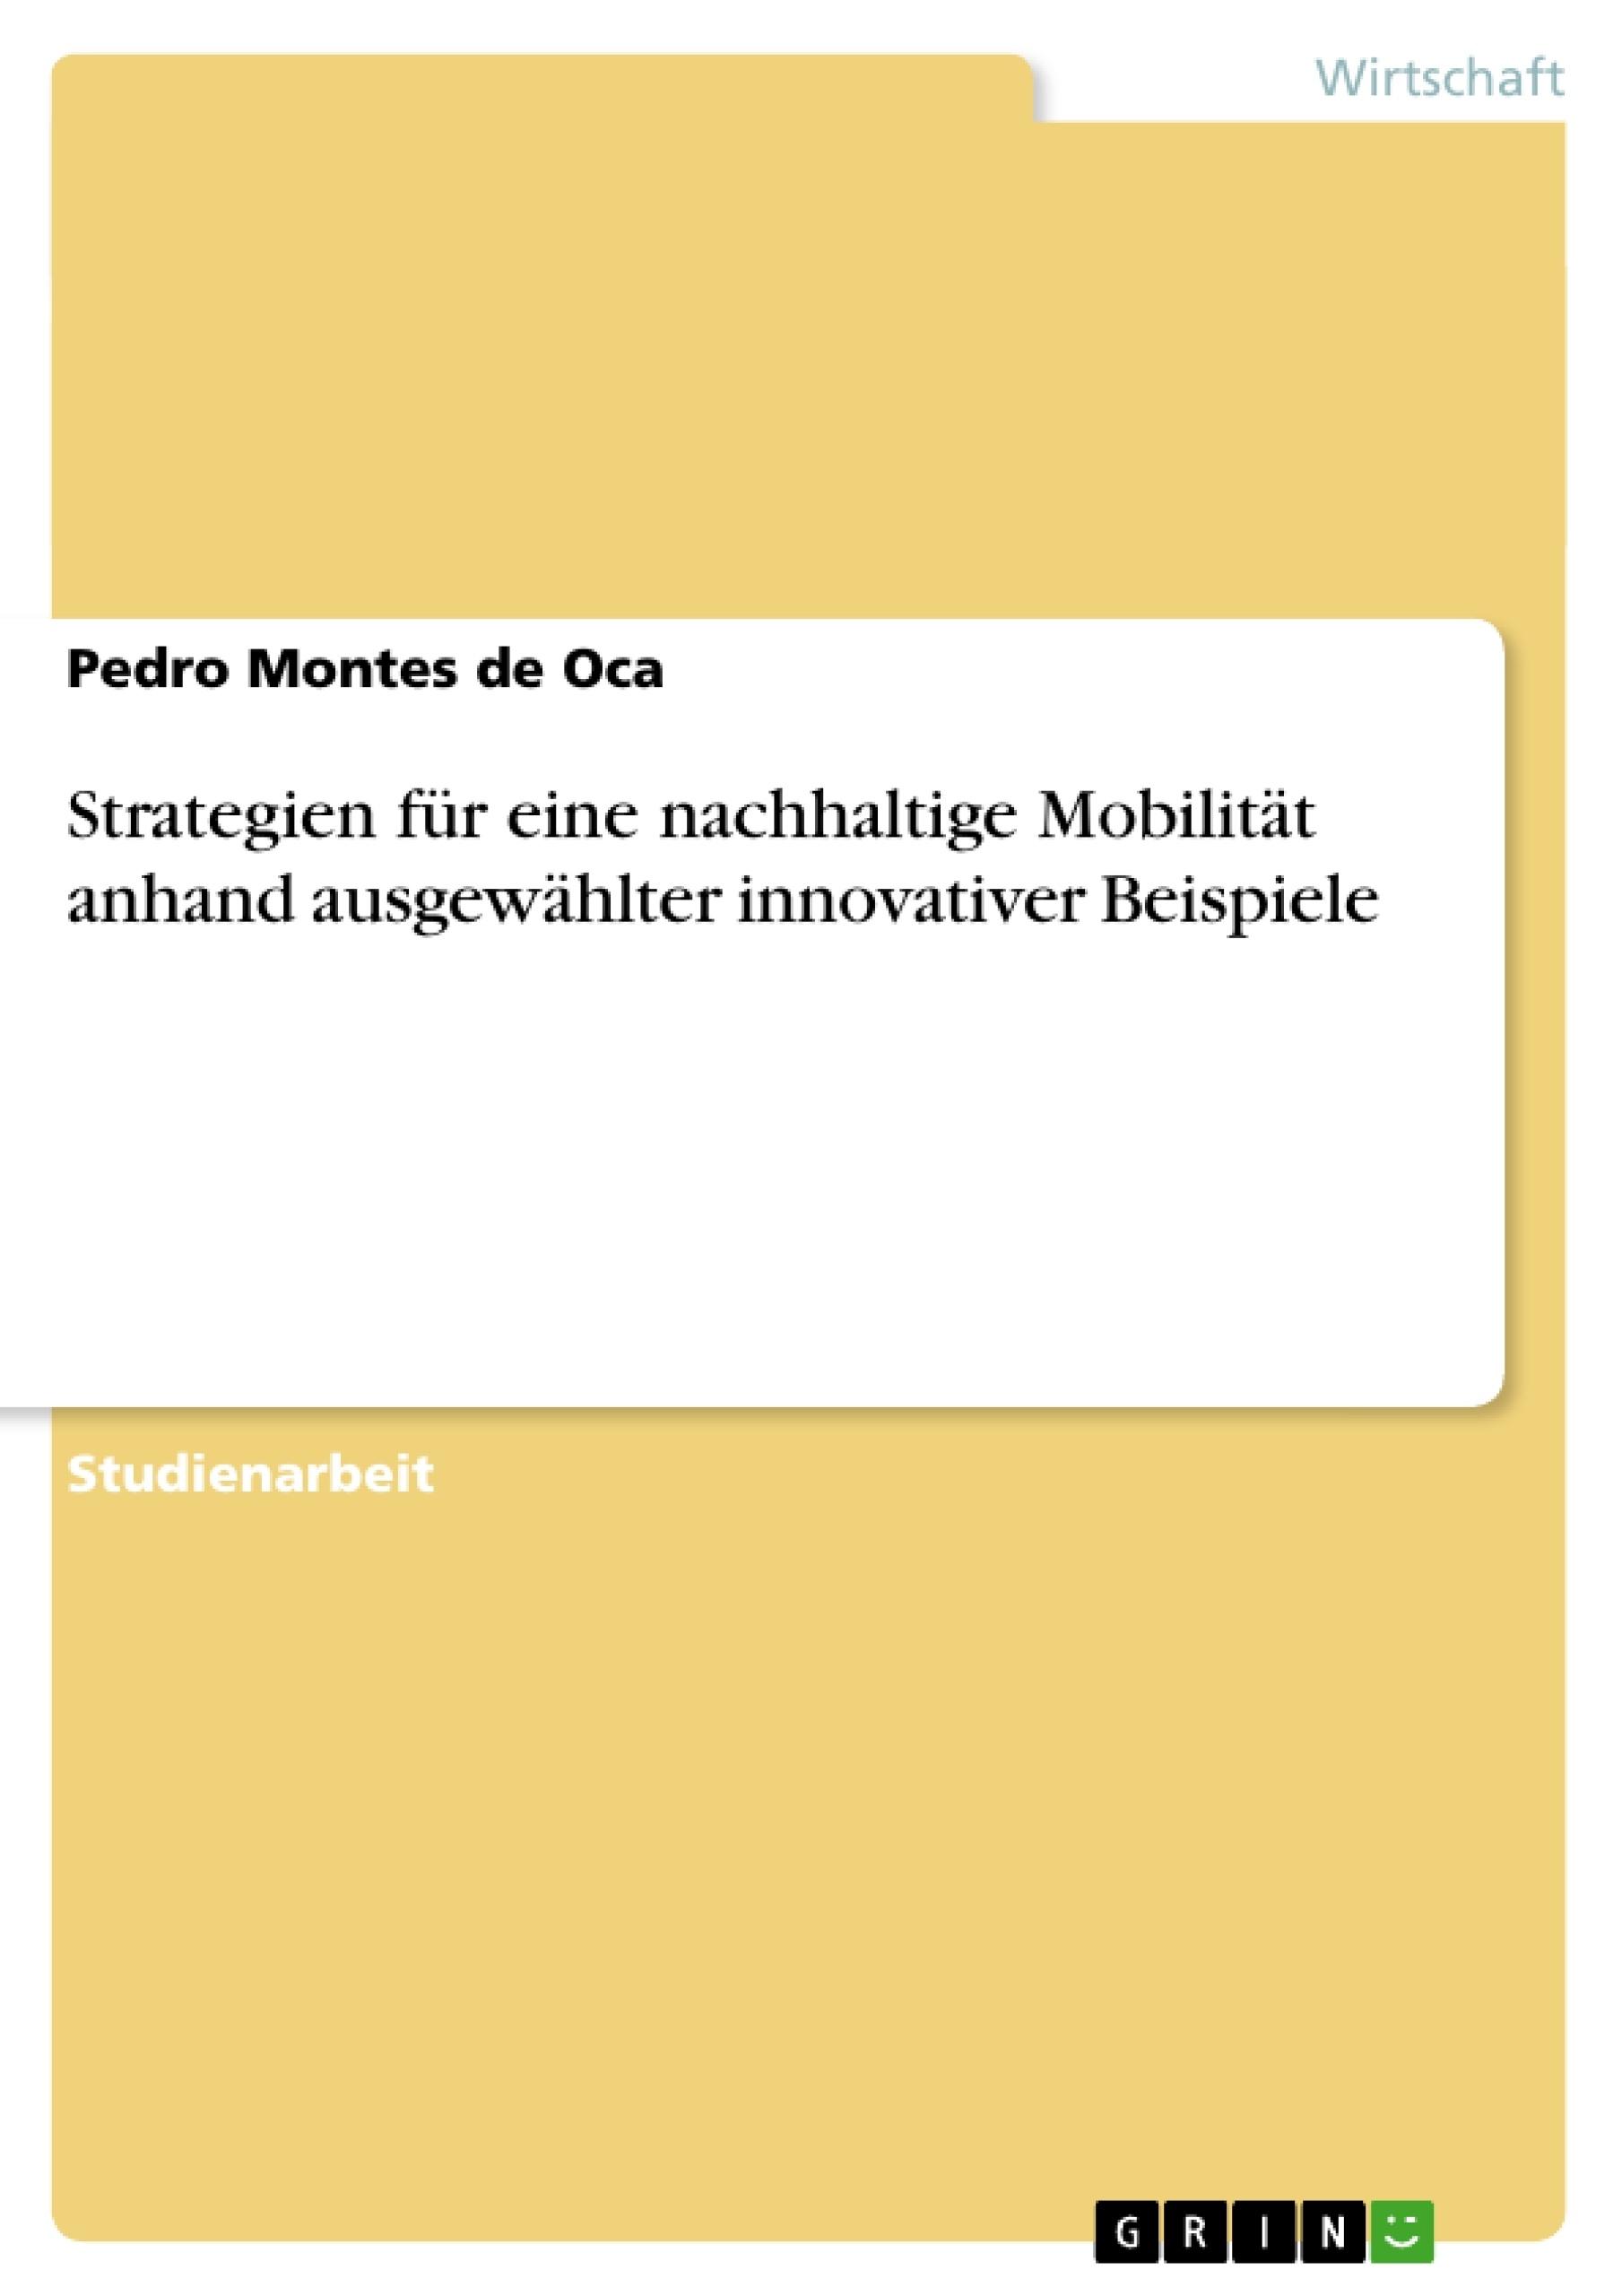 Titel: Strategien für eine nachhaltige Mobilität anhand ausgewählter innovativer Beispiele